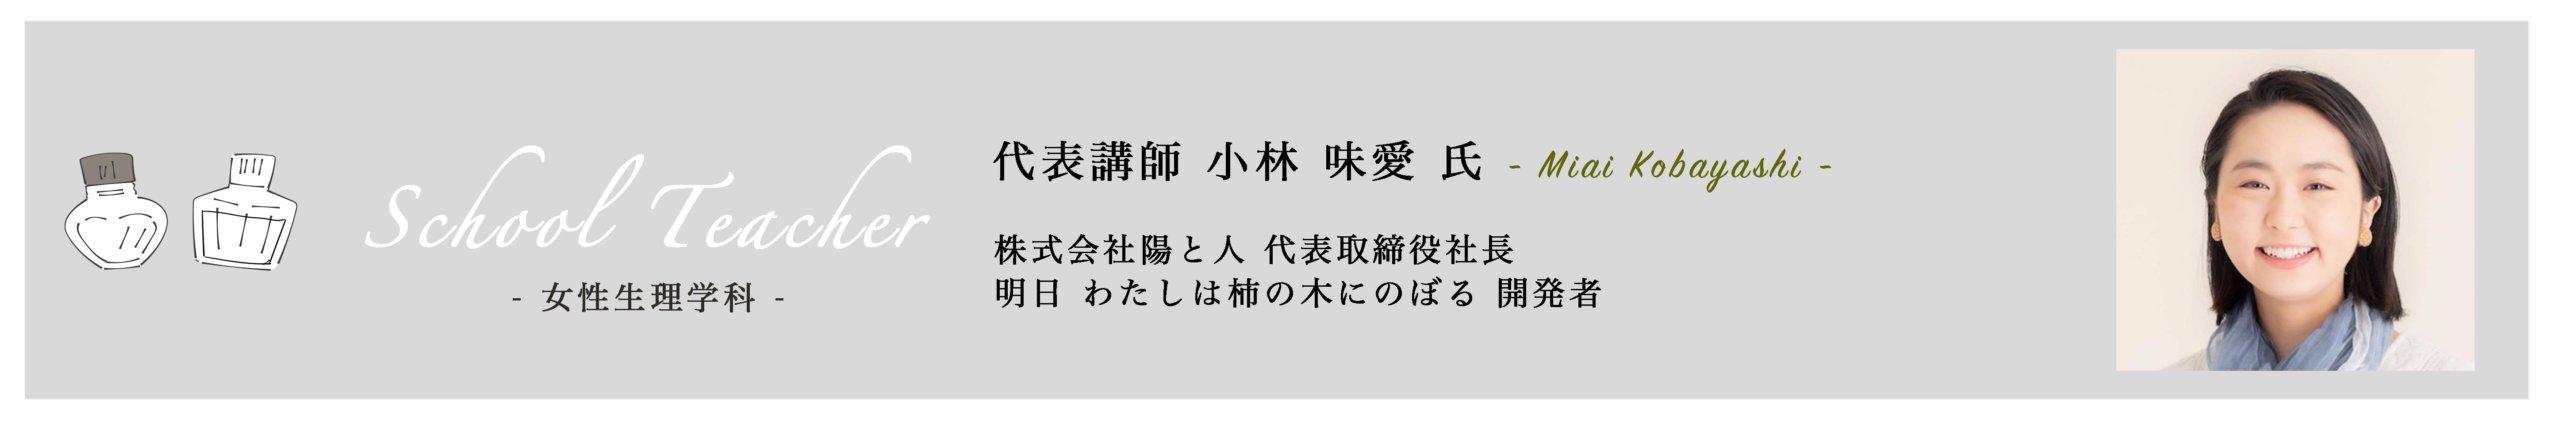 明日 わたしは柿の木にのぼる 開発者 小林味愛氏